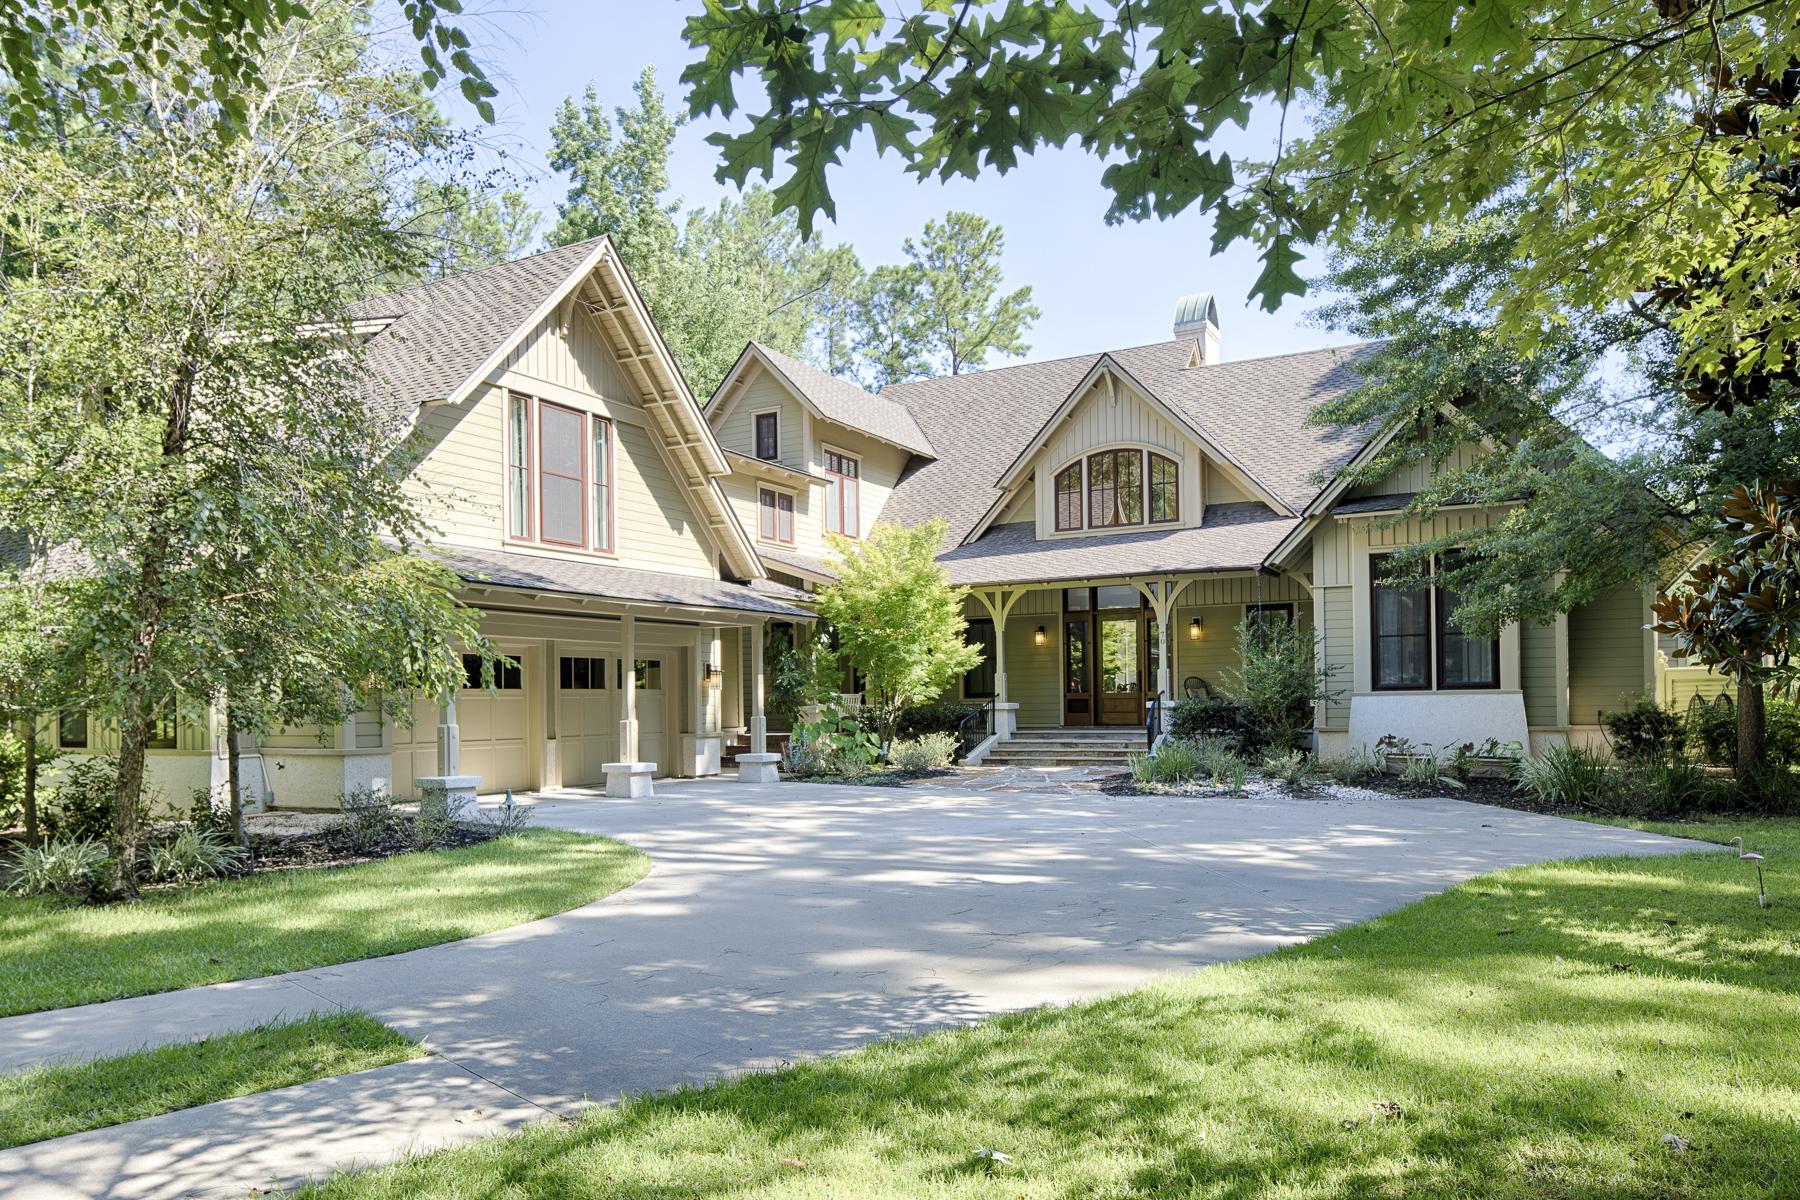 Villa per Vendita alle ore 70 Trout Hole road Bluffton, Carolina Del Sud 29910 Stati Uniti